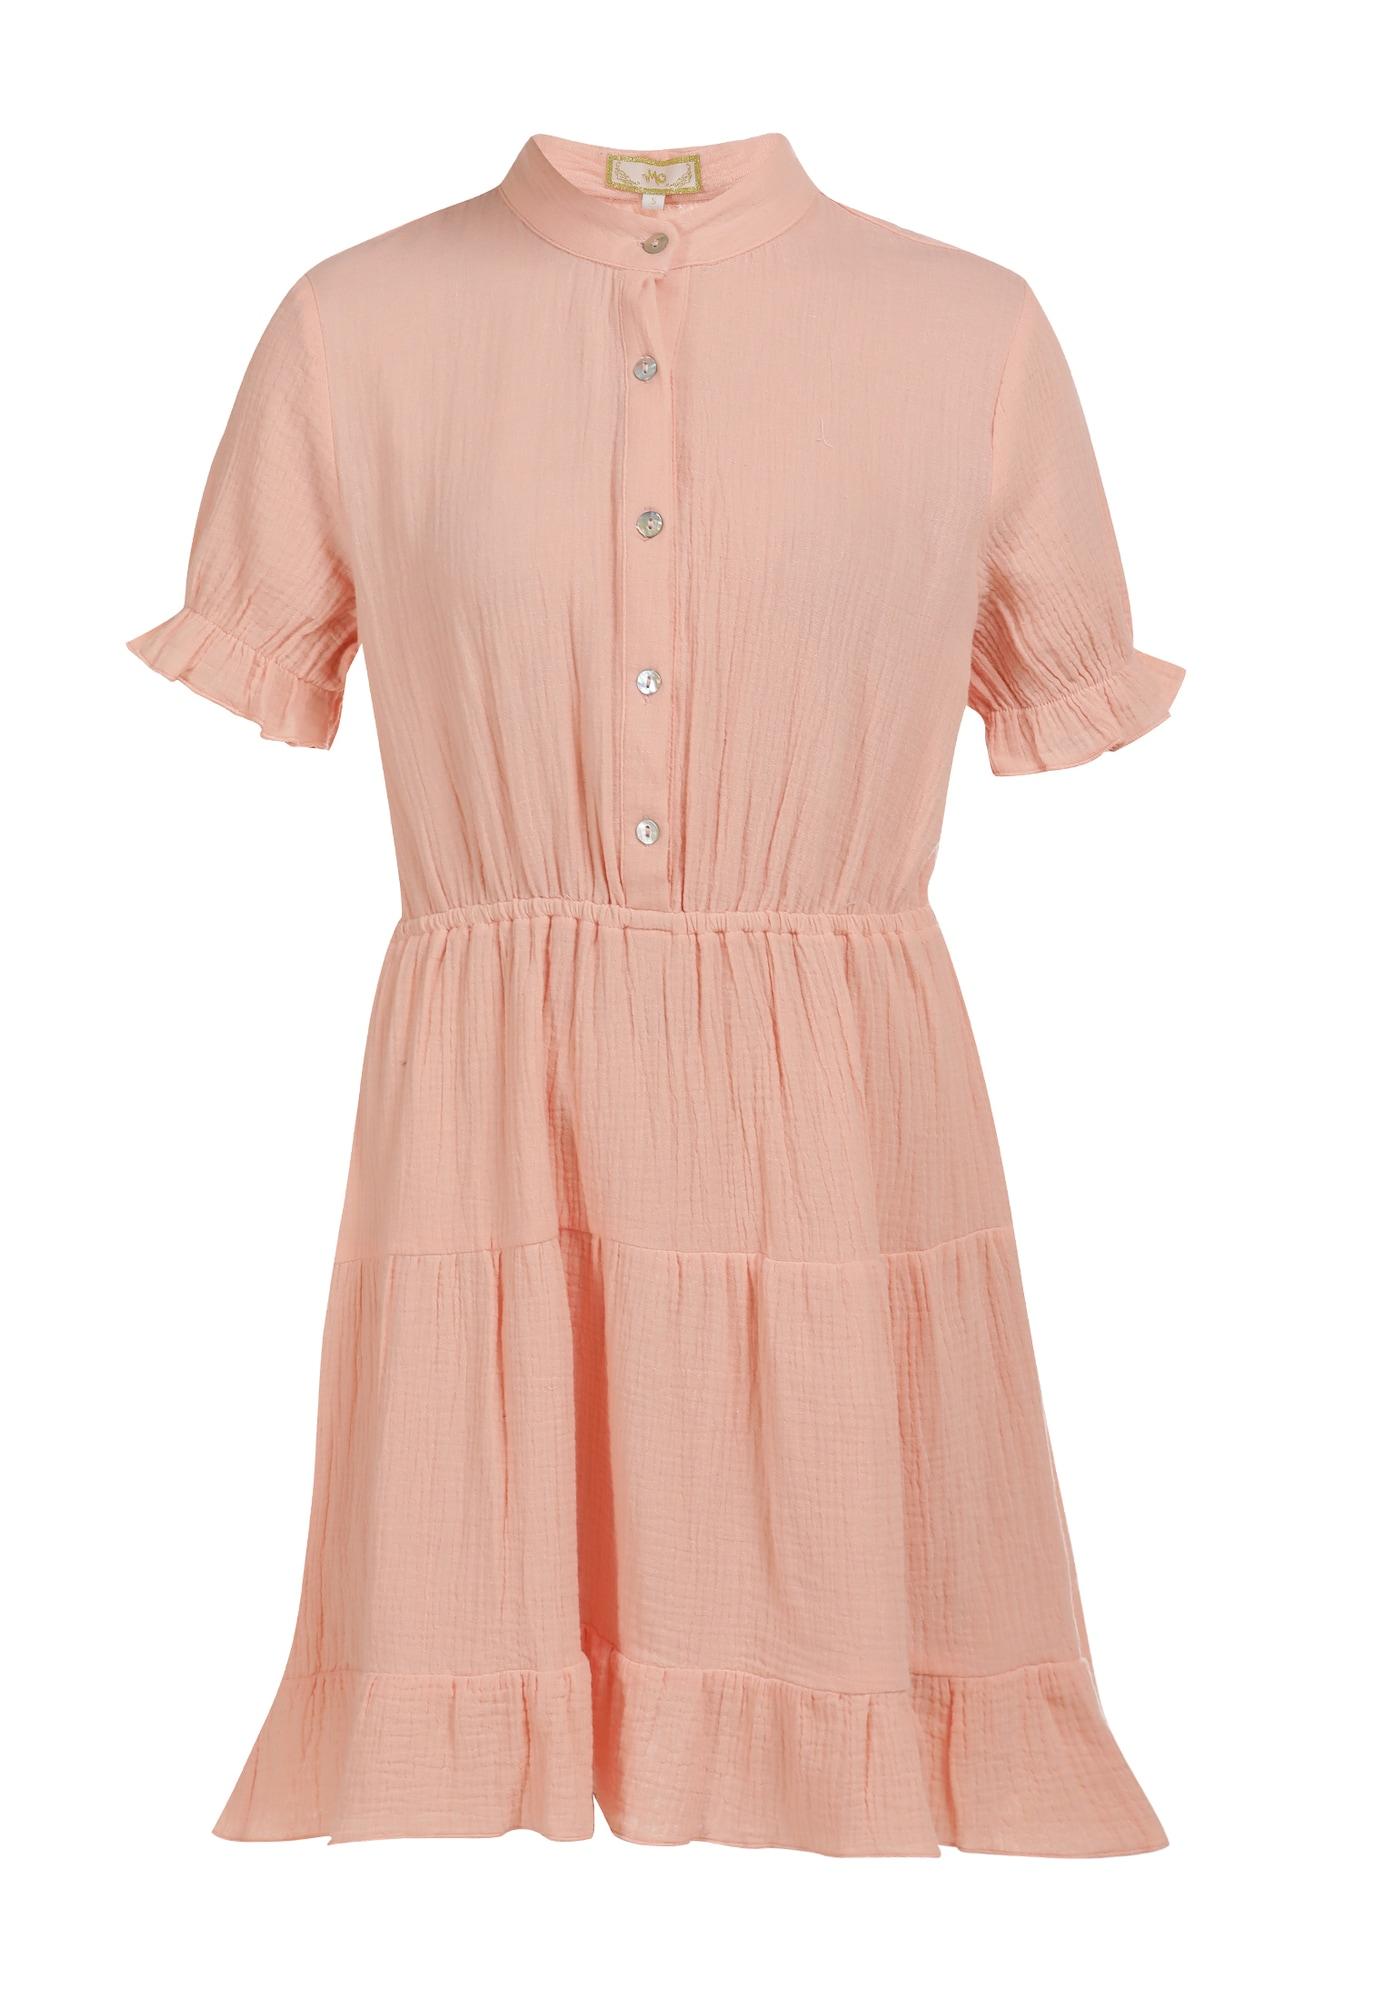 MYMO Palaidinės tipo suknelė kūno spalva